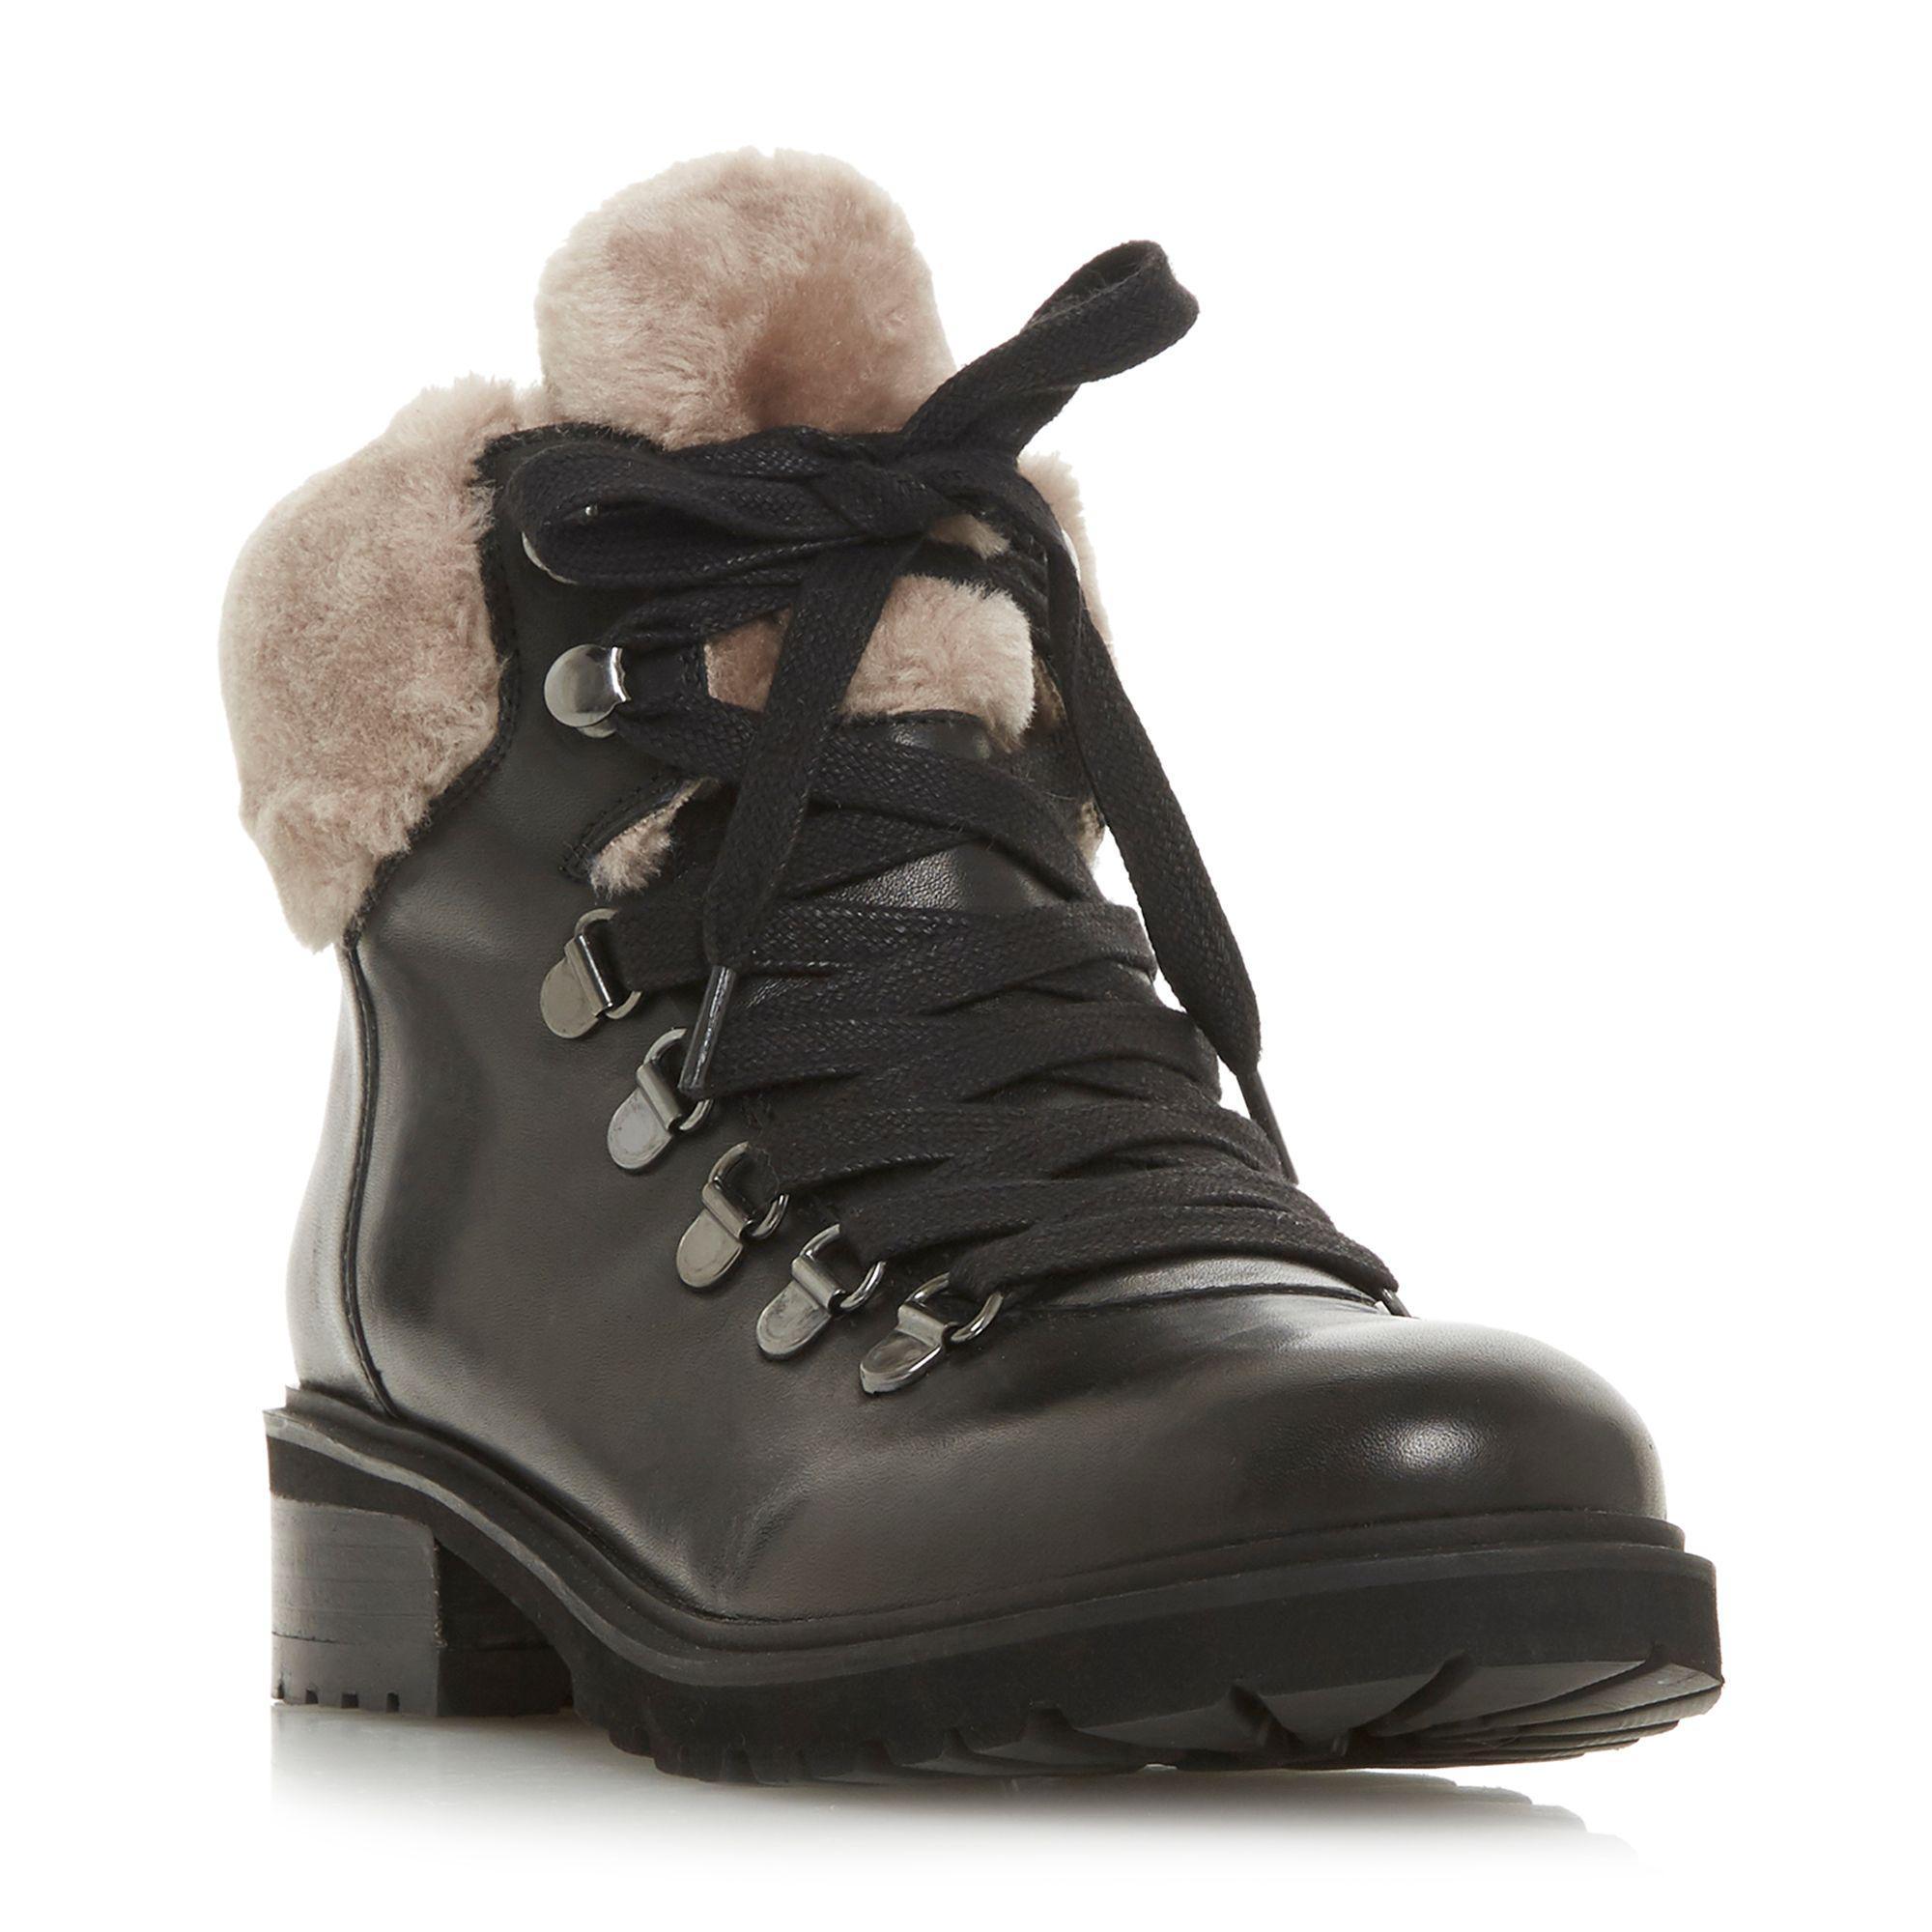 a5a211a5af5 Steve Madden Black Leather  tree  Block Heel Biker Boots in Black ...